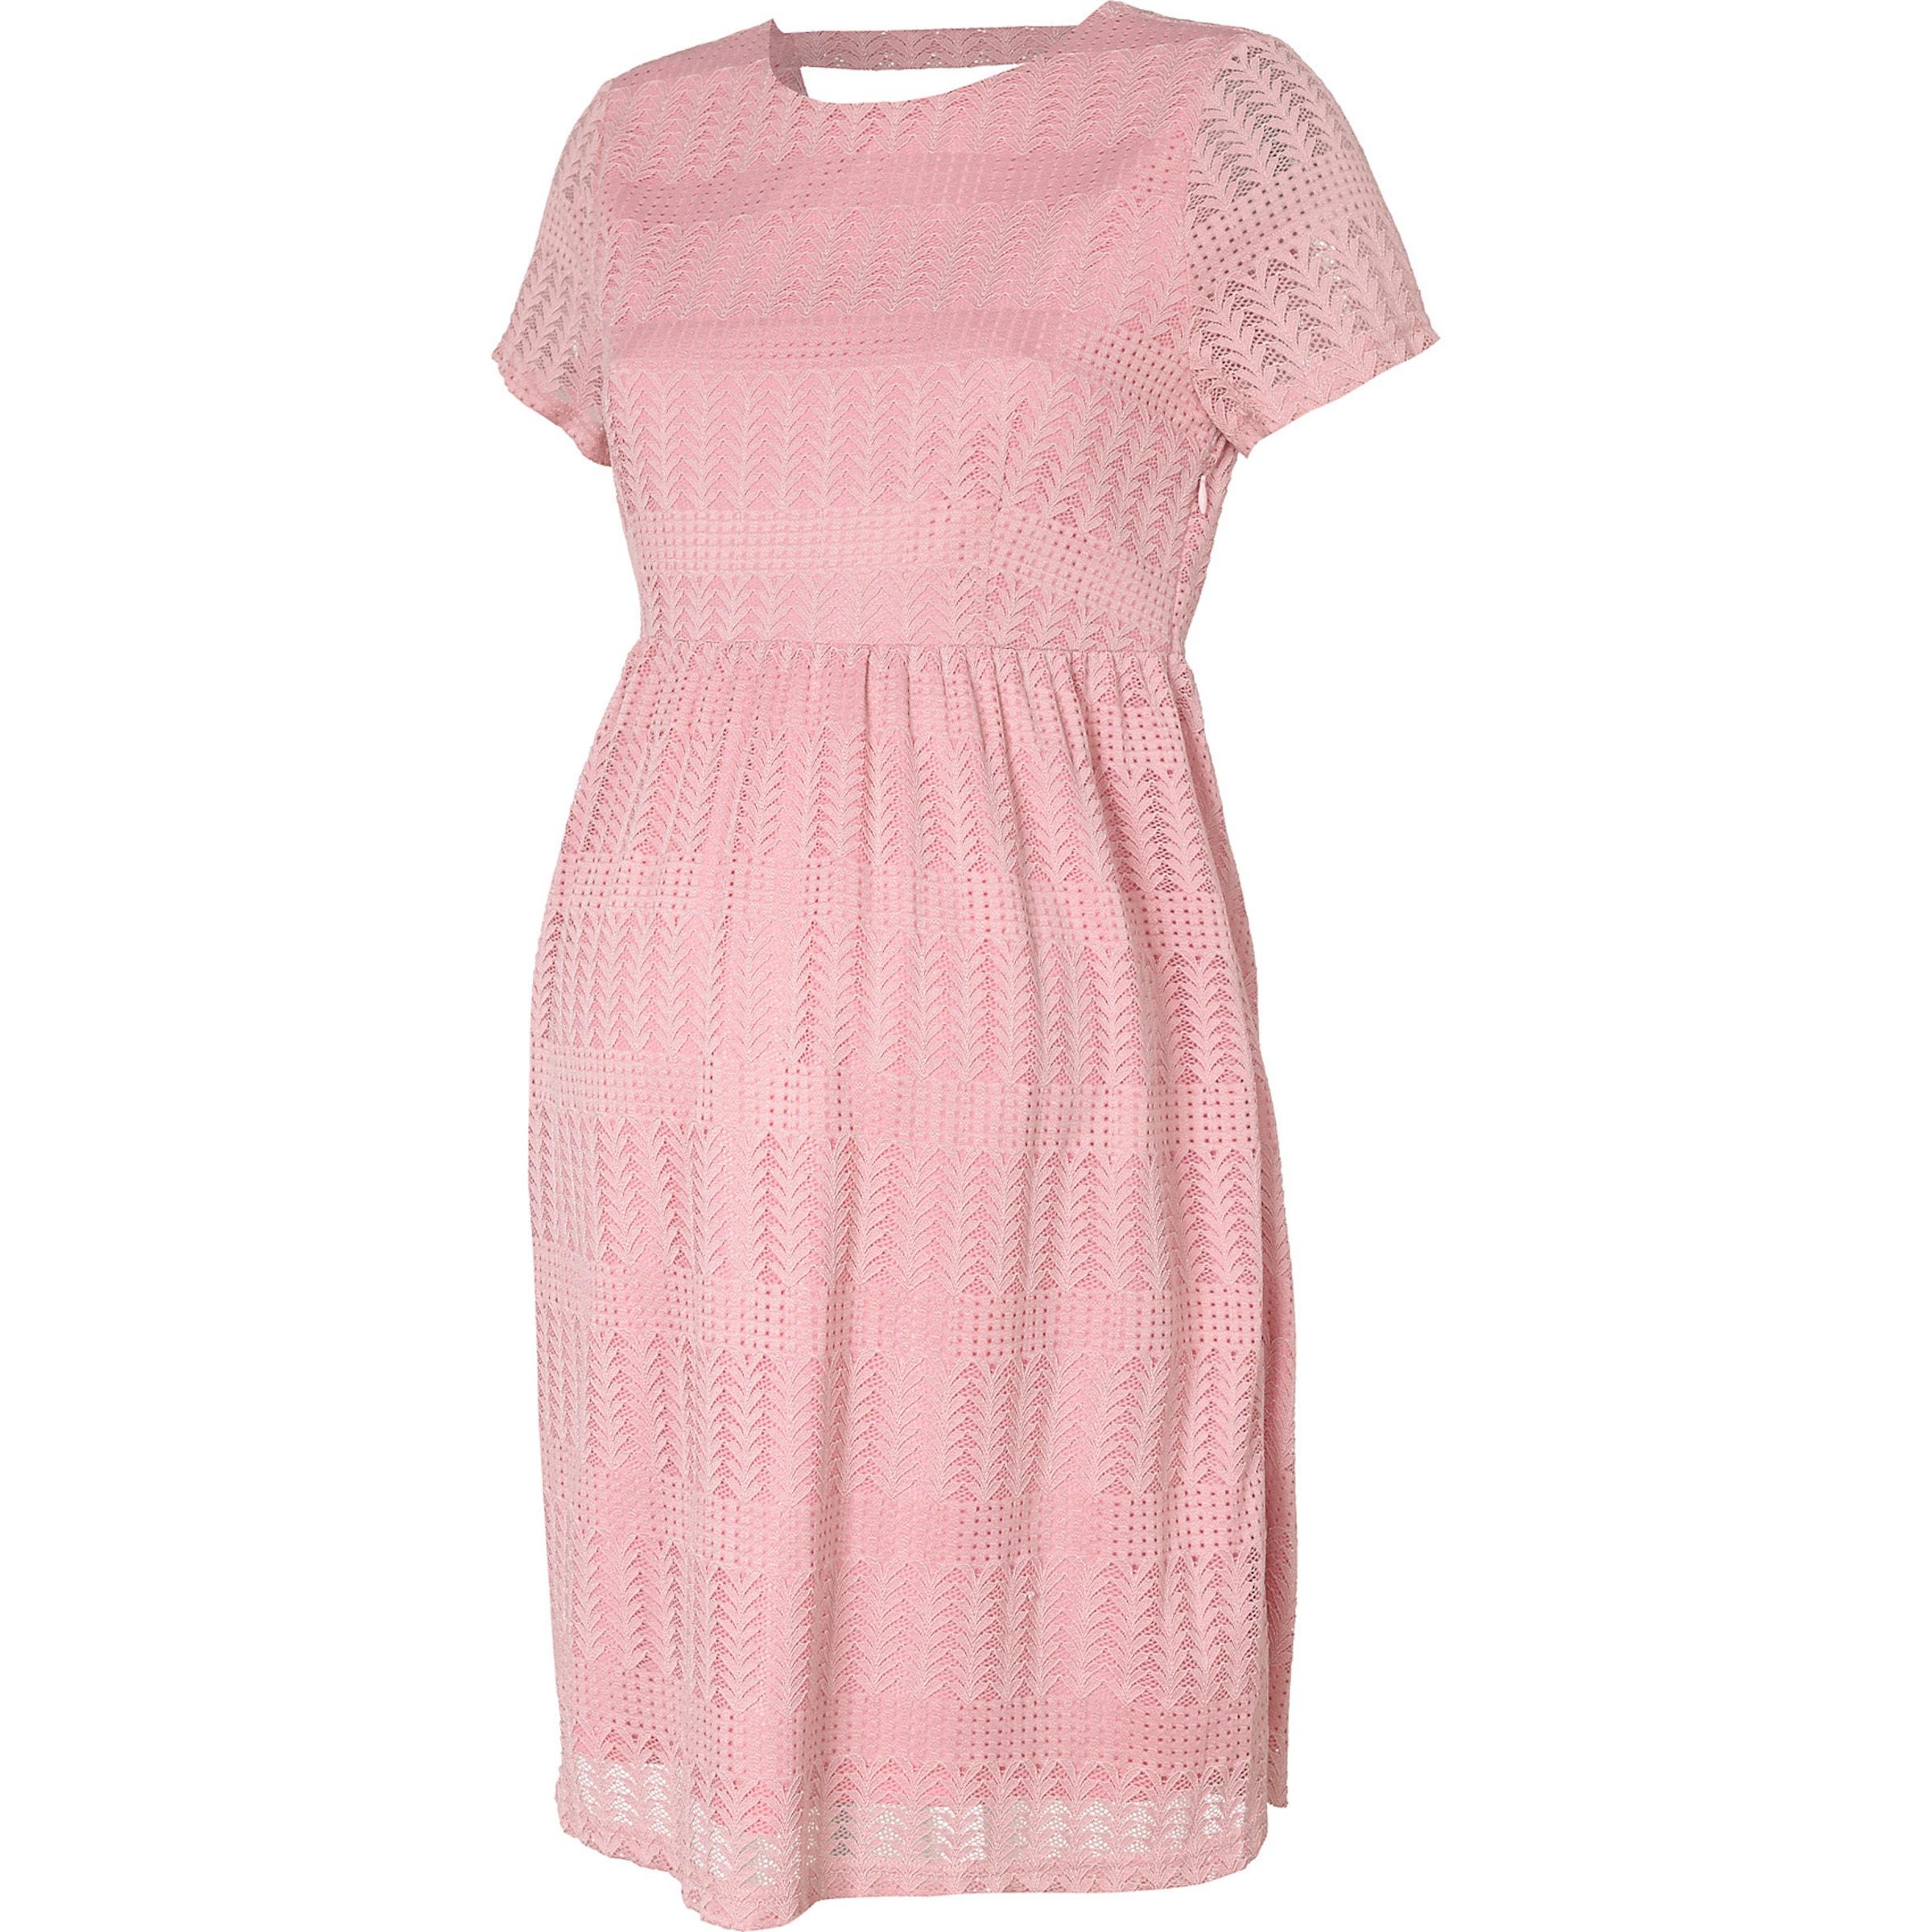 Spring Spring Rosa Rosa In Maternity Spring Maternity Maternity In Kleid Kleid In Kleid 5L3j4AR